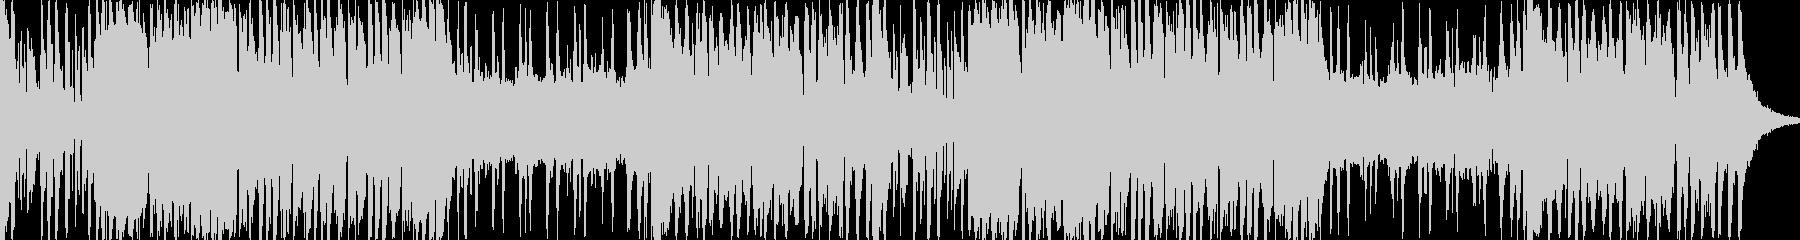 軽快なオーケストラBGMの未再生の波形